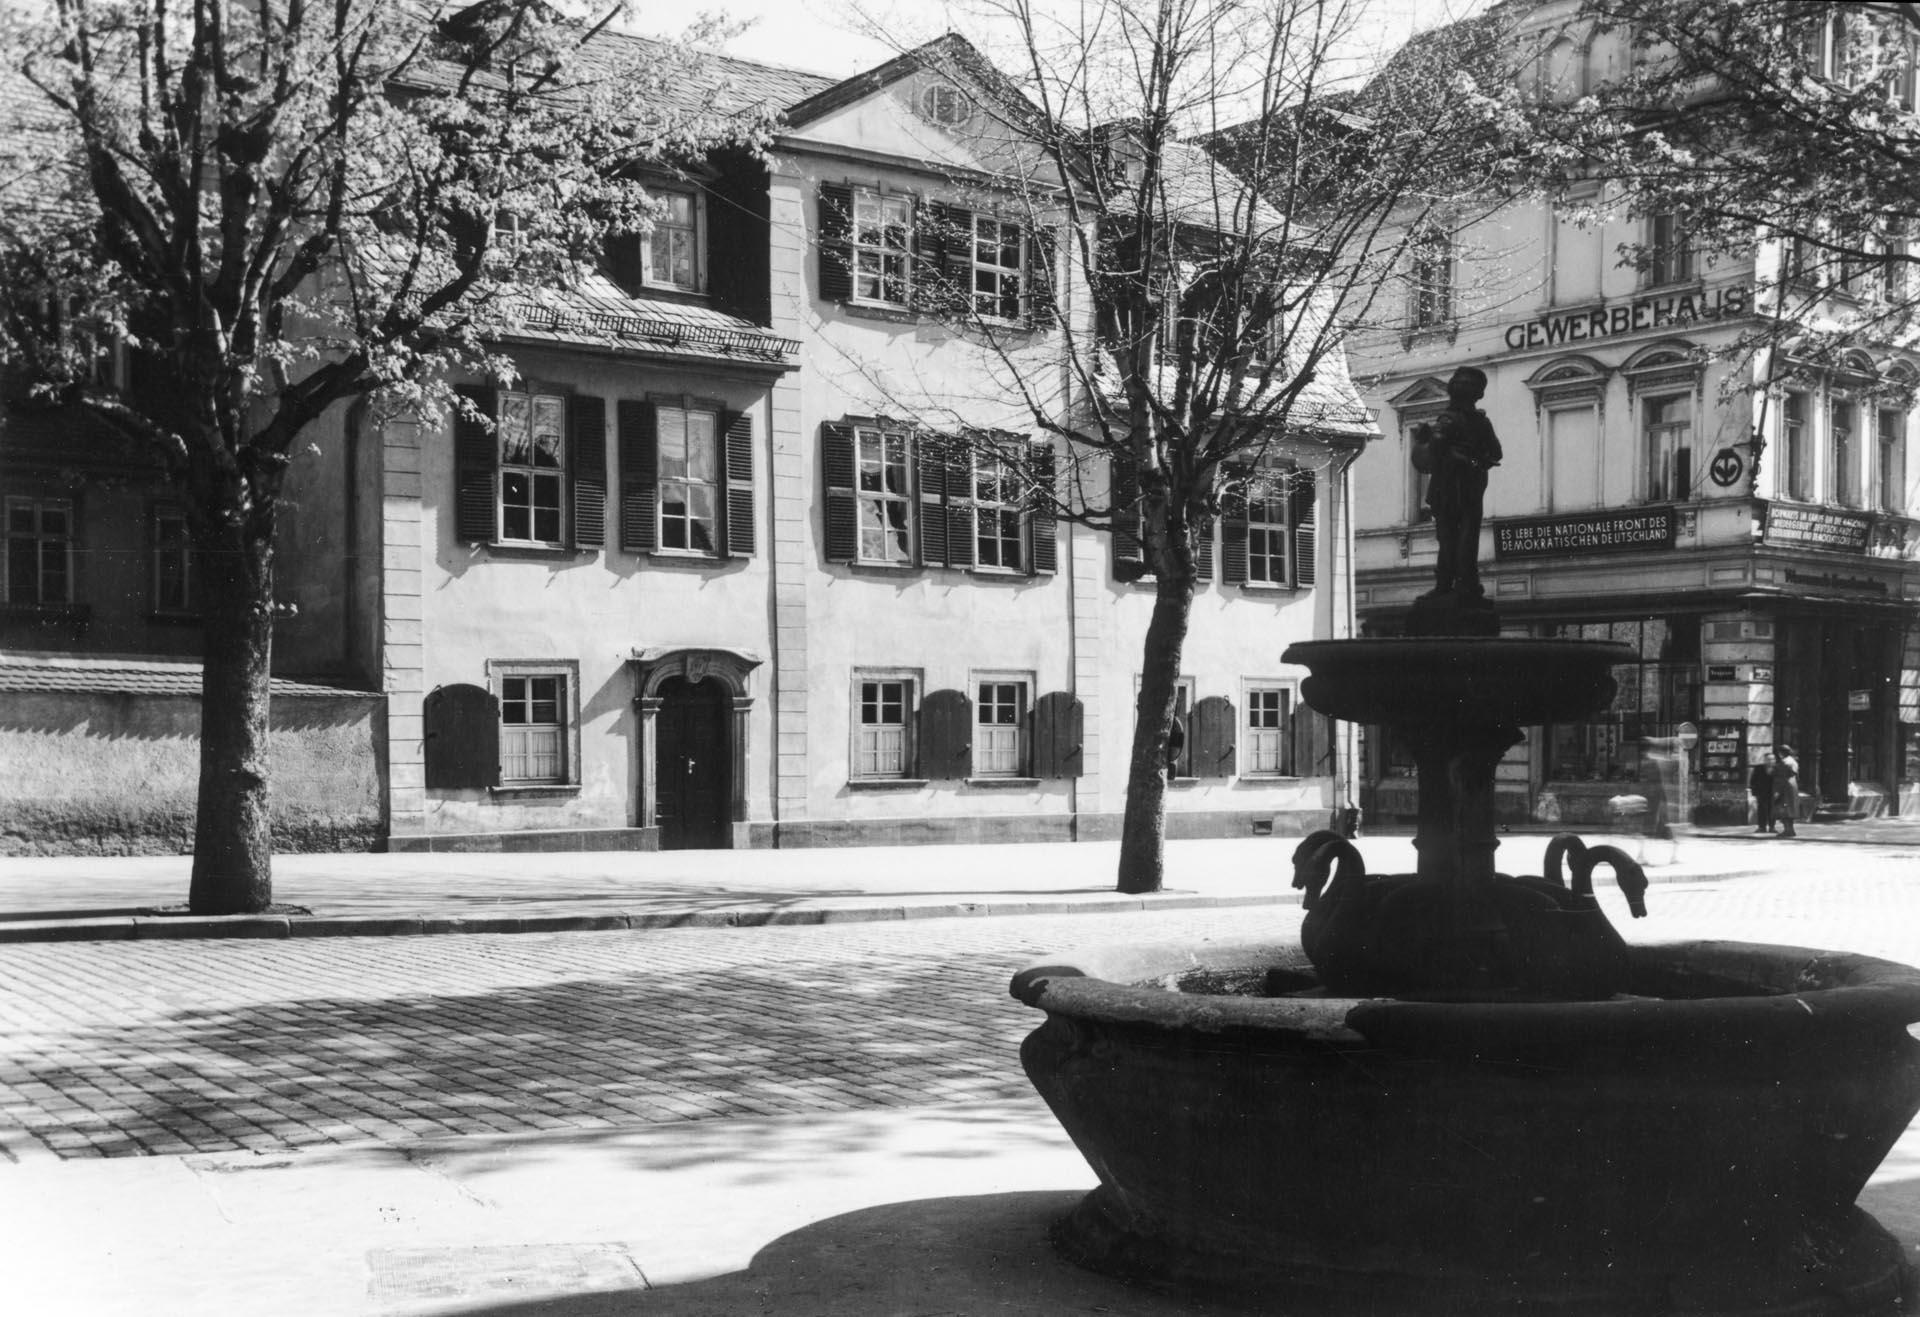 Schillerhaus mit Gänsemännchenbrunnen